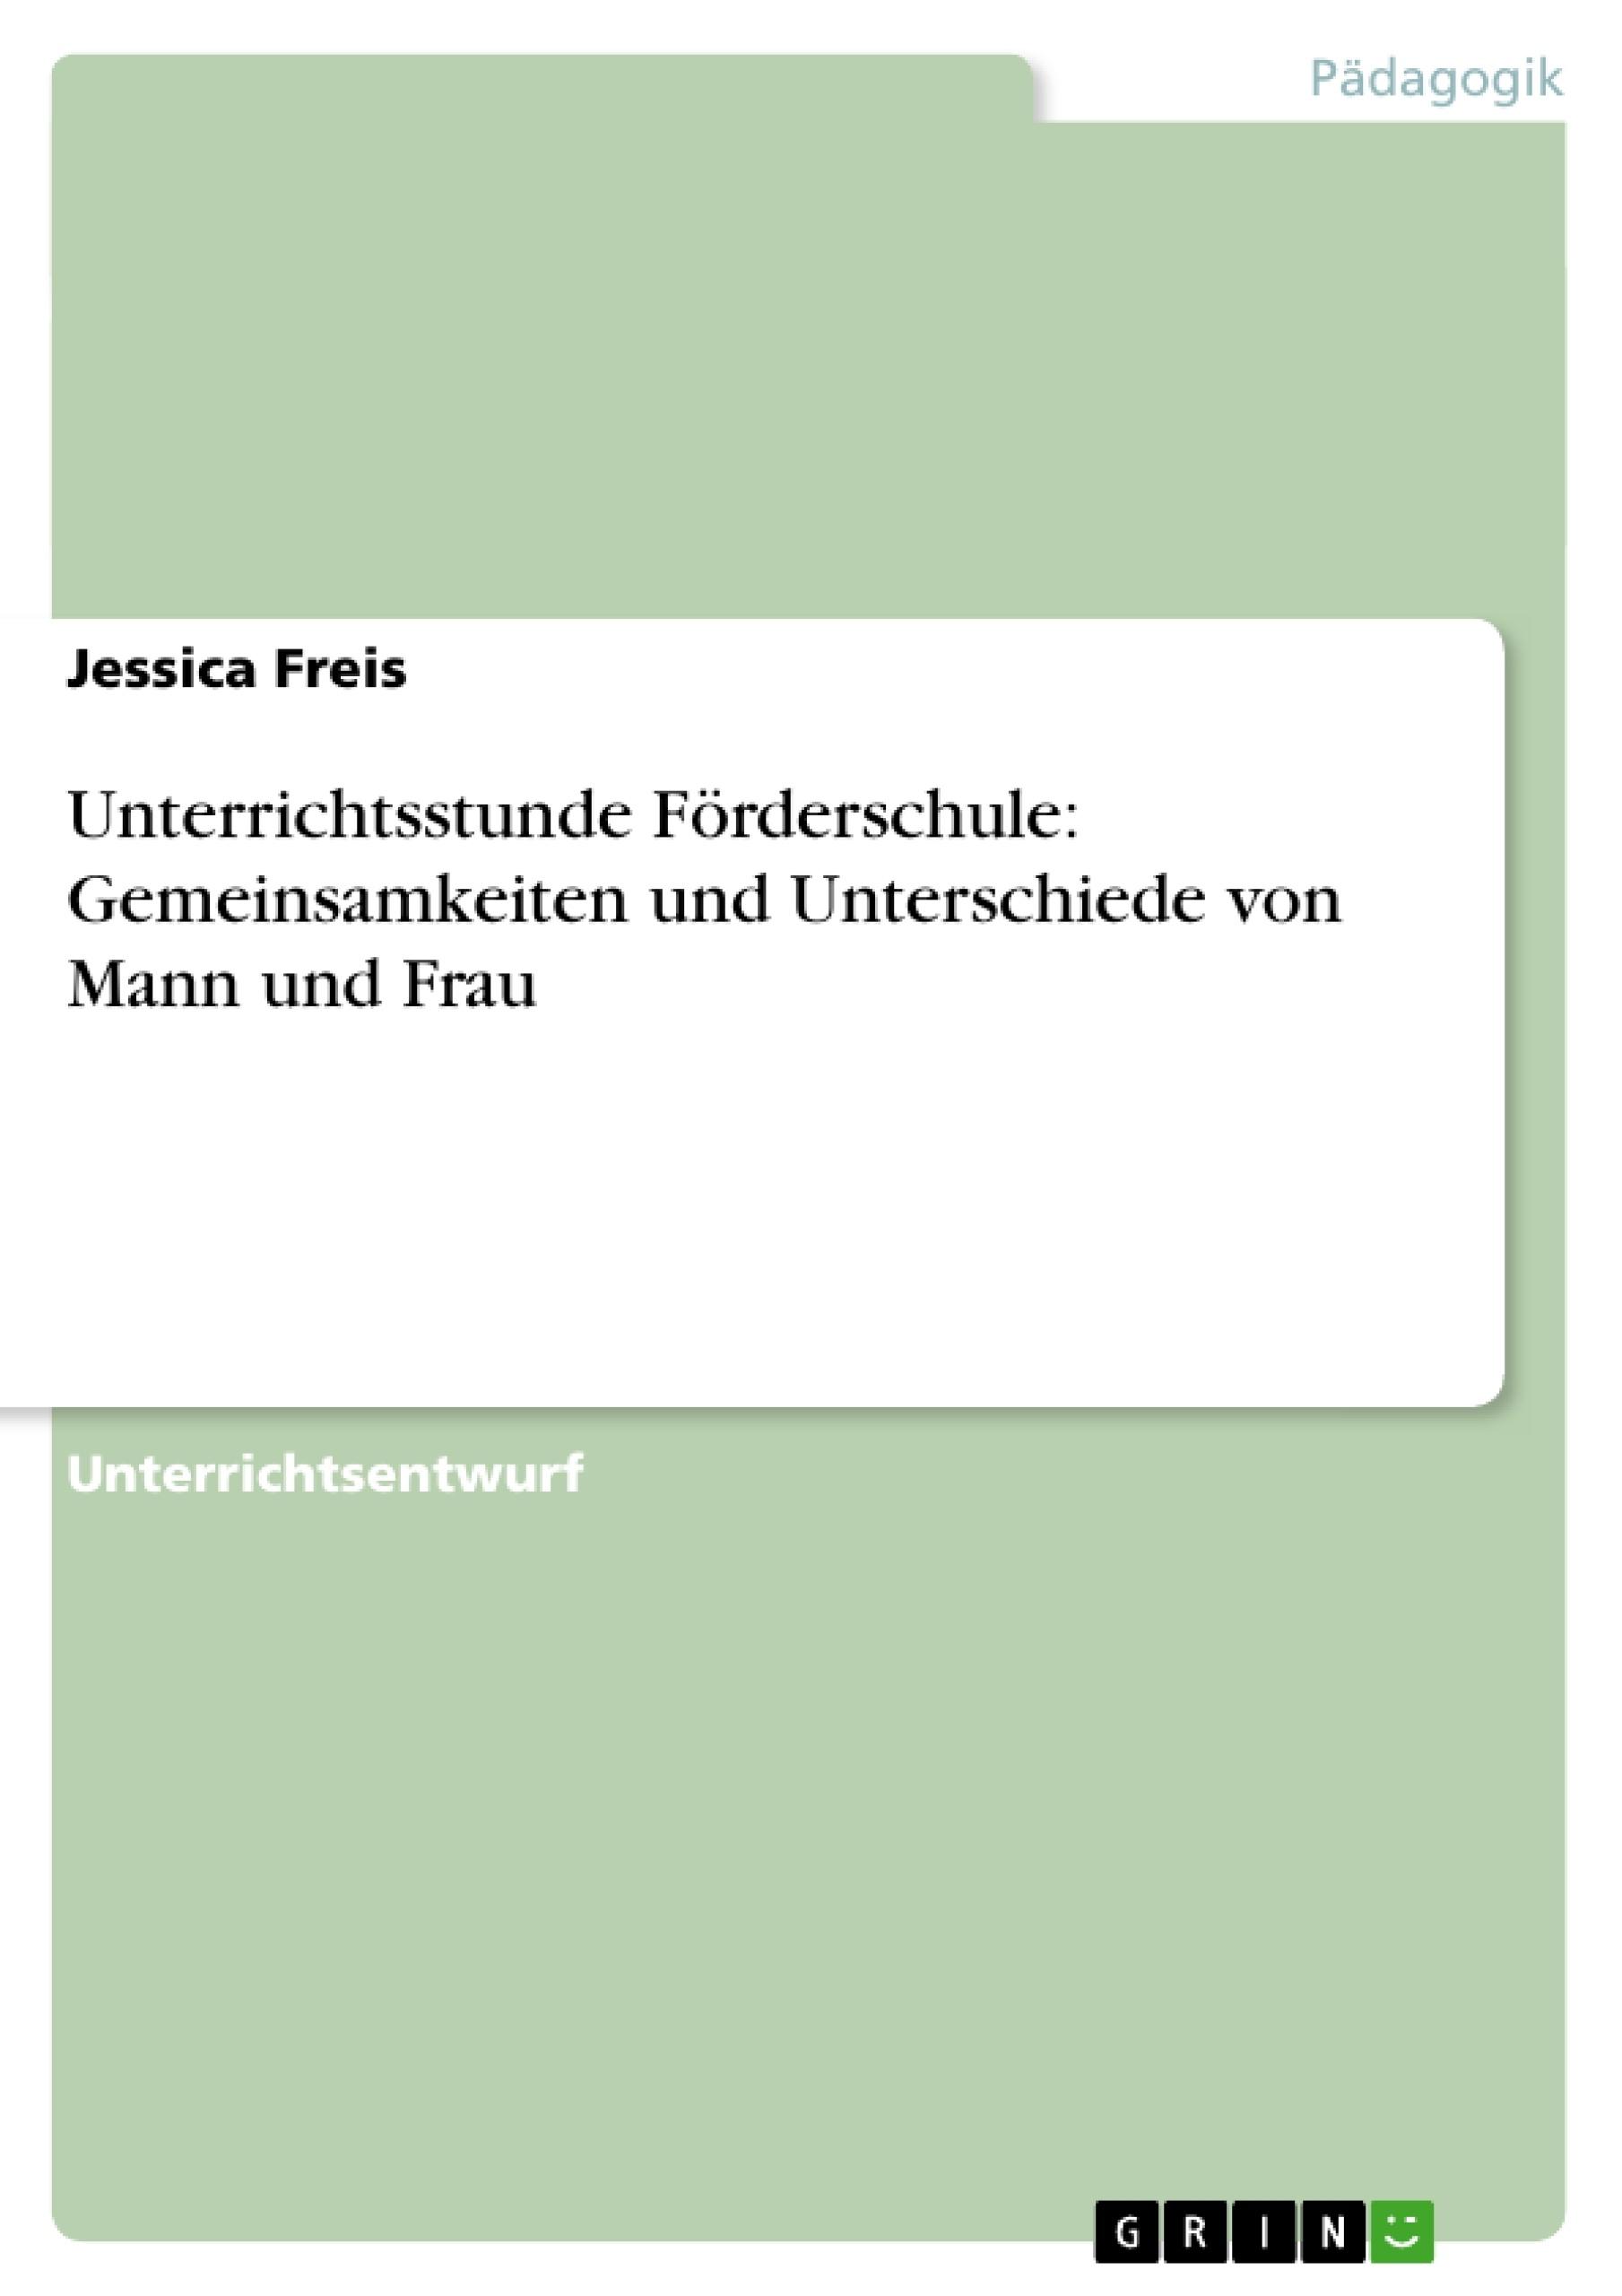 Titel: Unterrichtsstunde Förderschule: Gemeinsamkeiten und Unterschiede von Mann und Frau